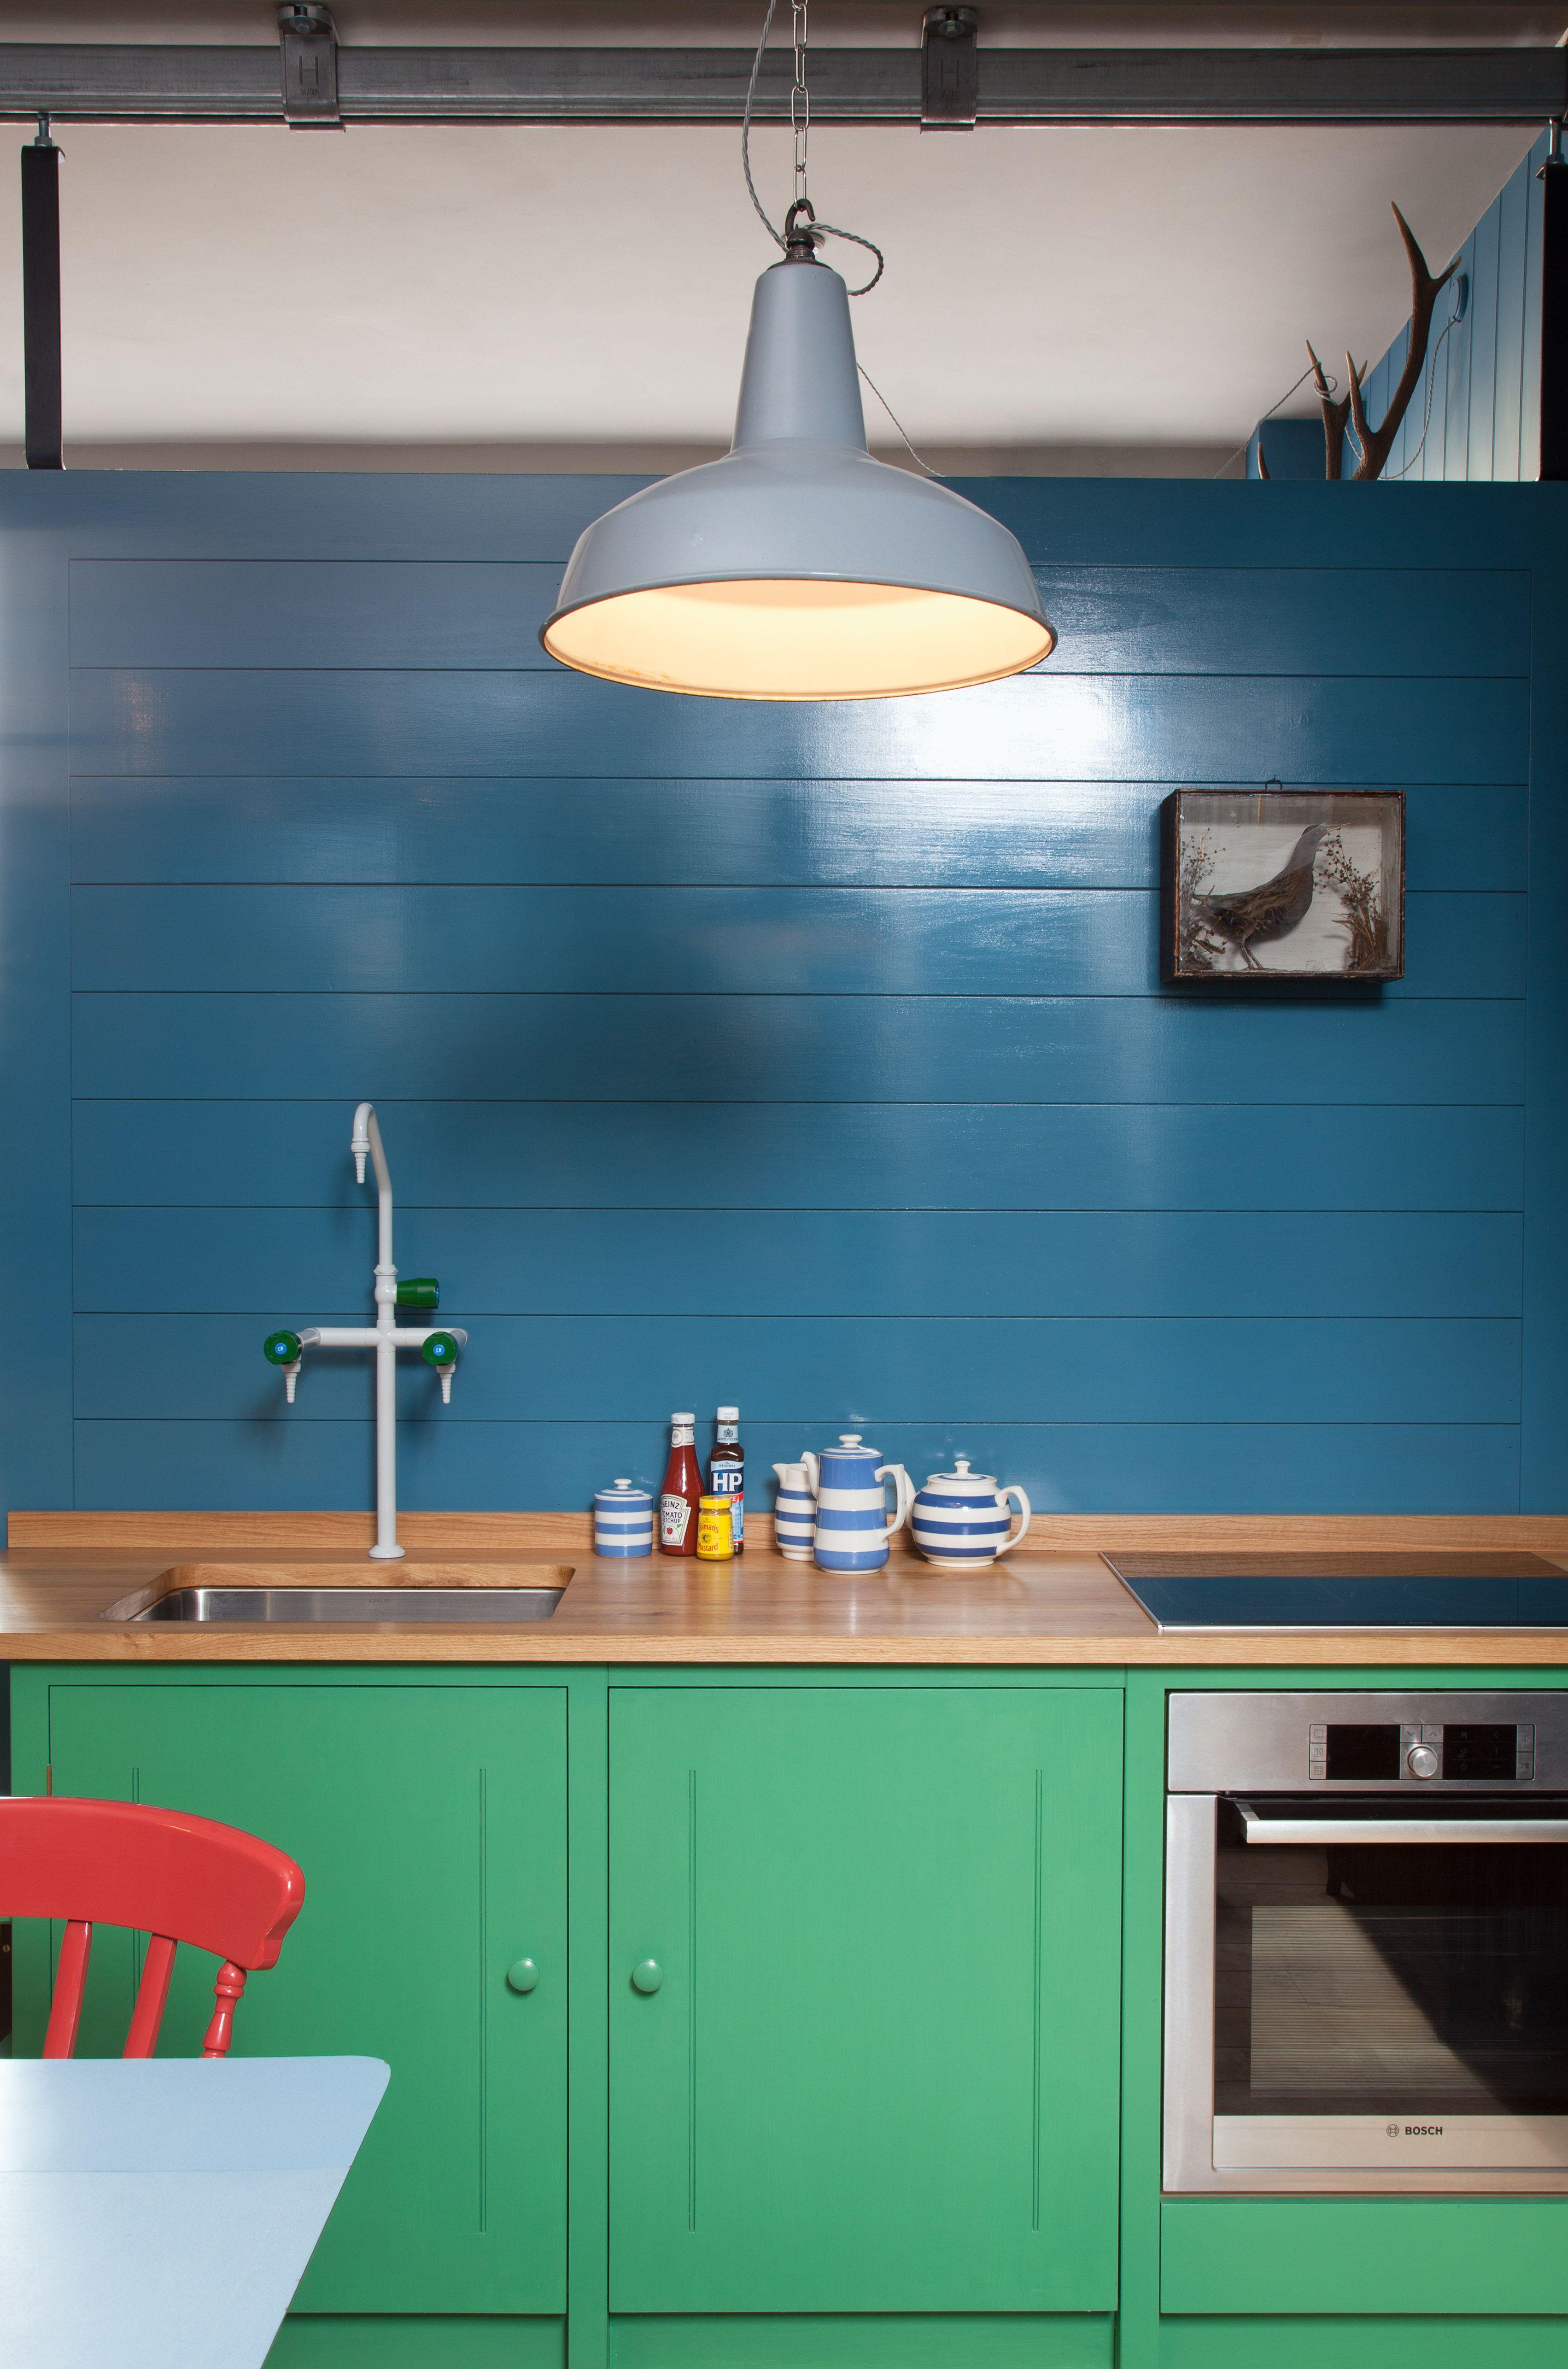 Green and Blue | kitchen | Pinterest | Kitchens, British standards ...